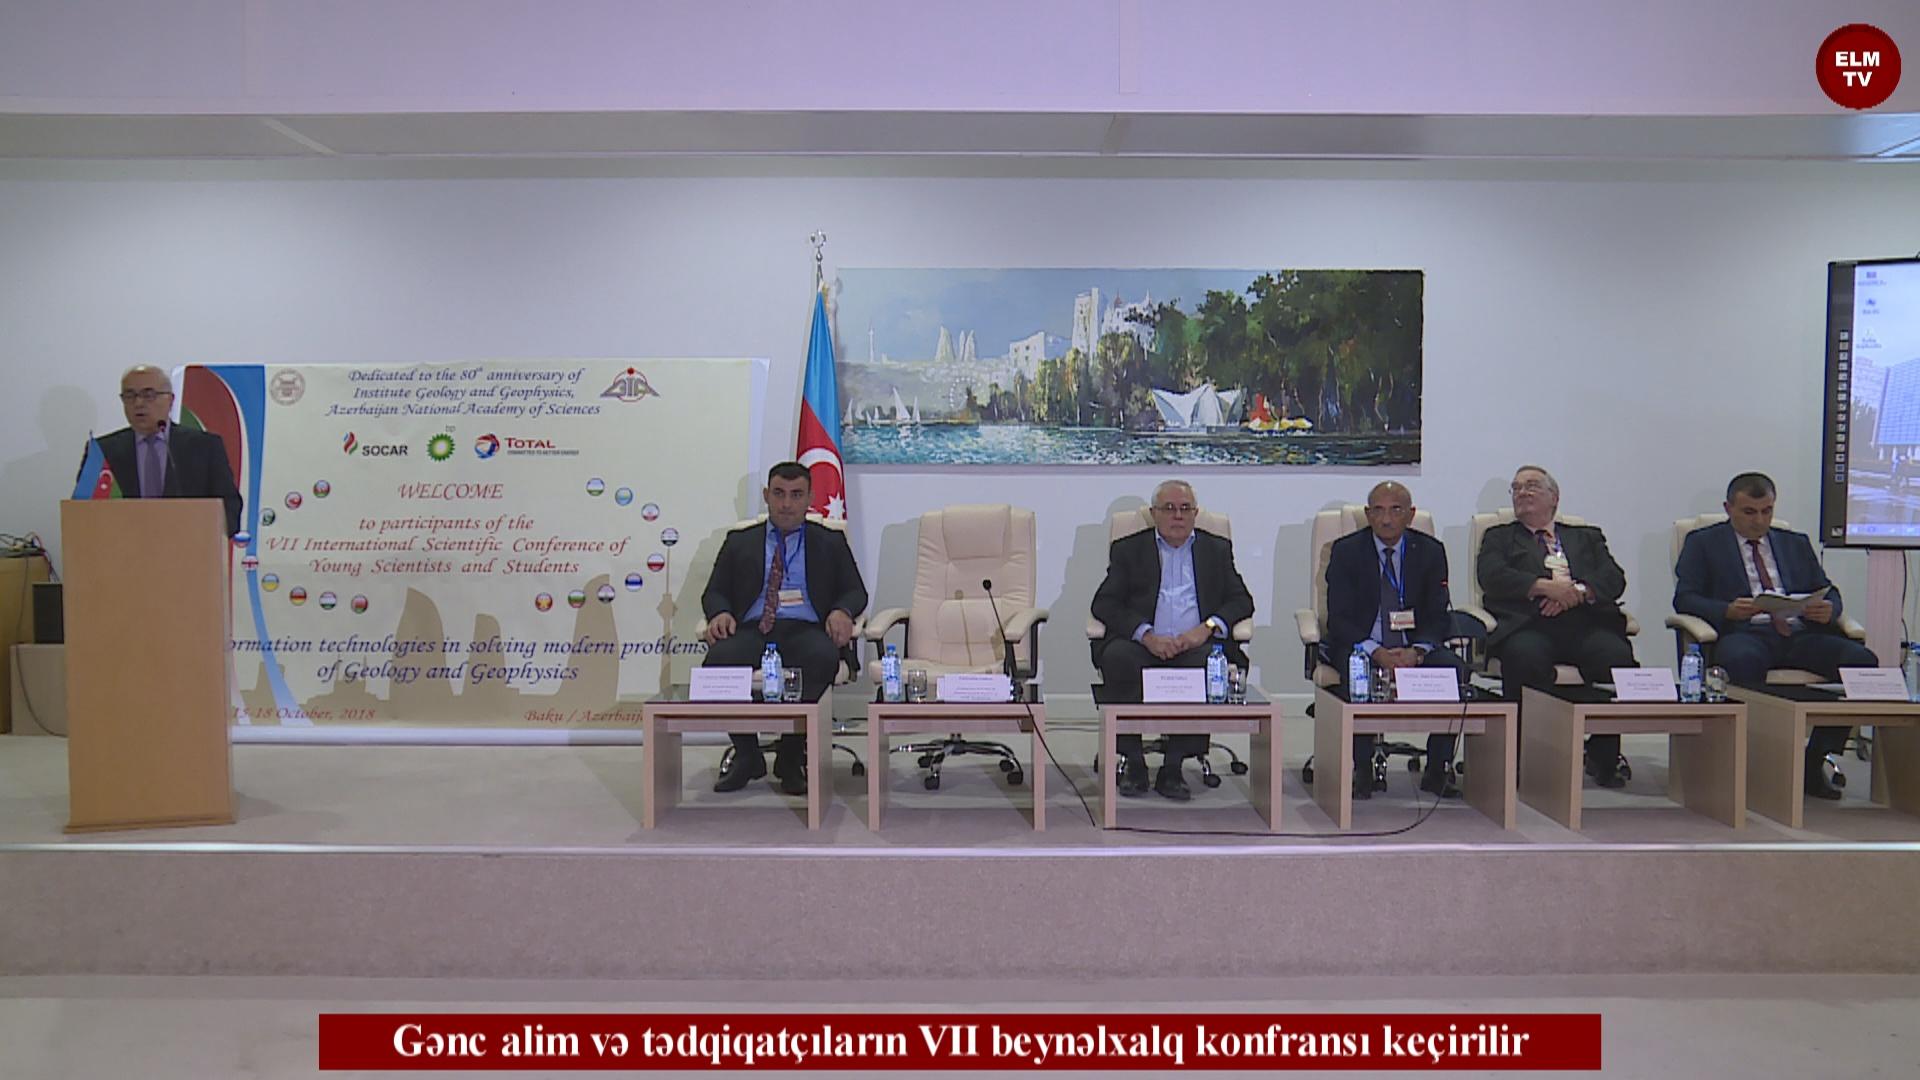 Gənc alim və tədqiqatçıların VII beynəlxalq konfransı keçirilir